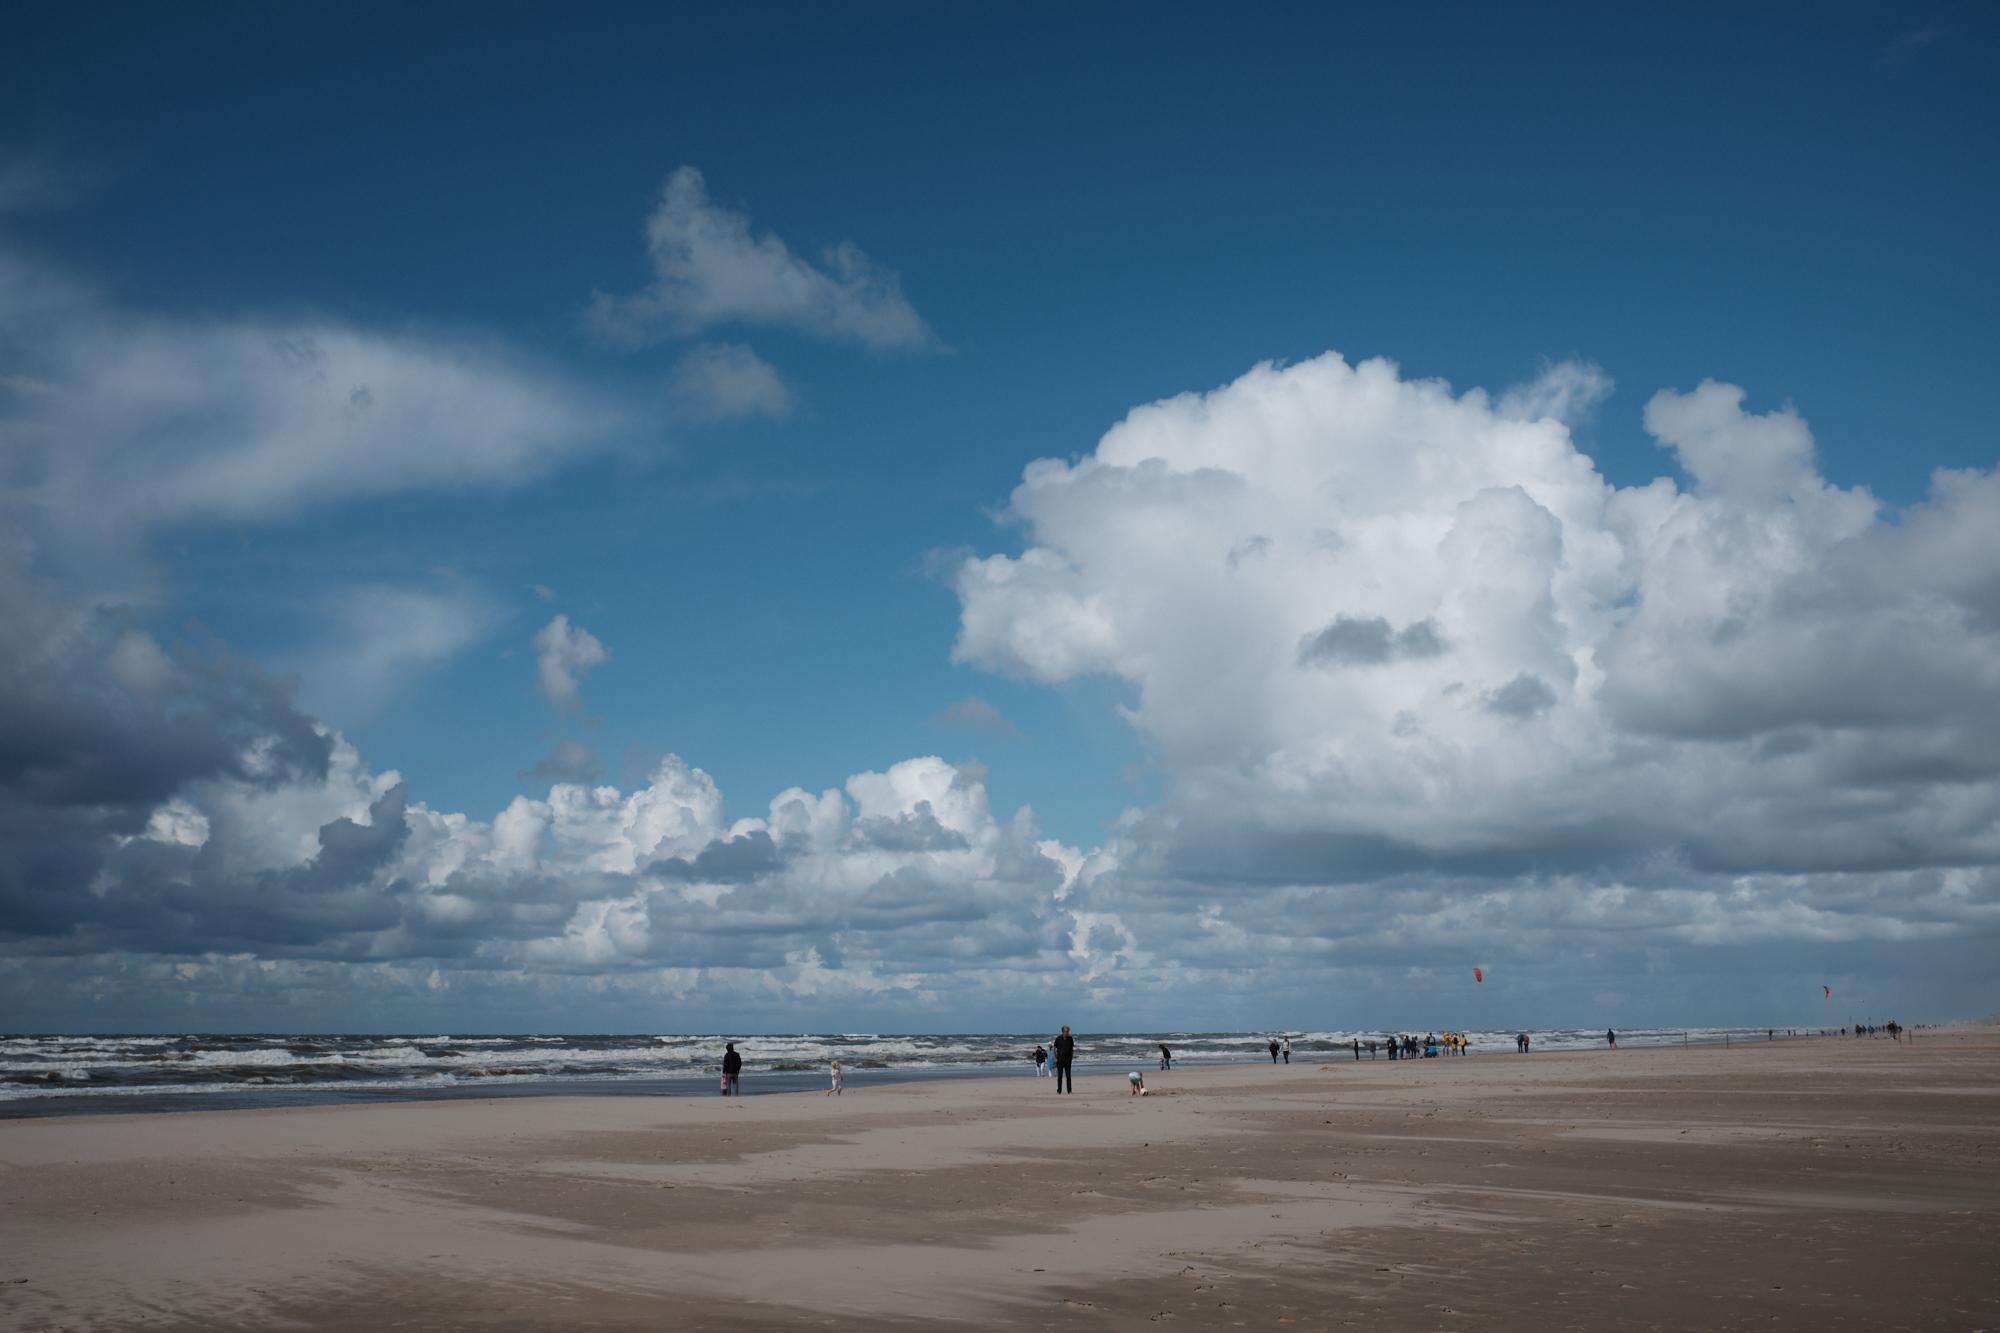 DSCF5818 - Beach.jpg